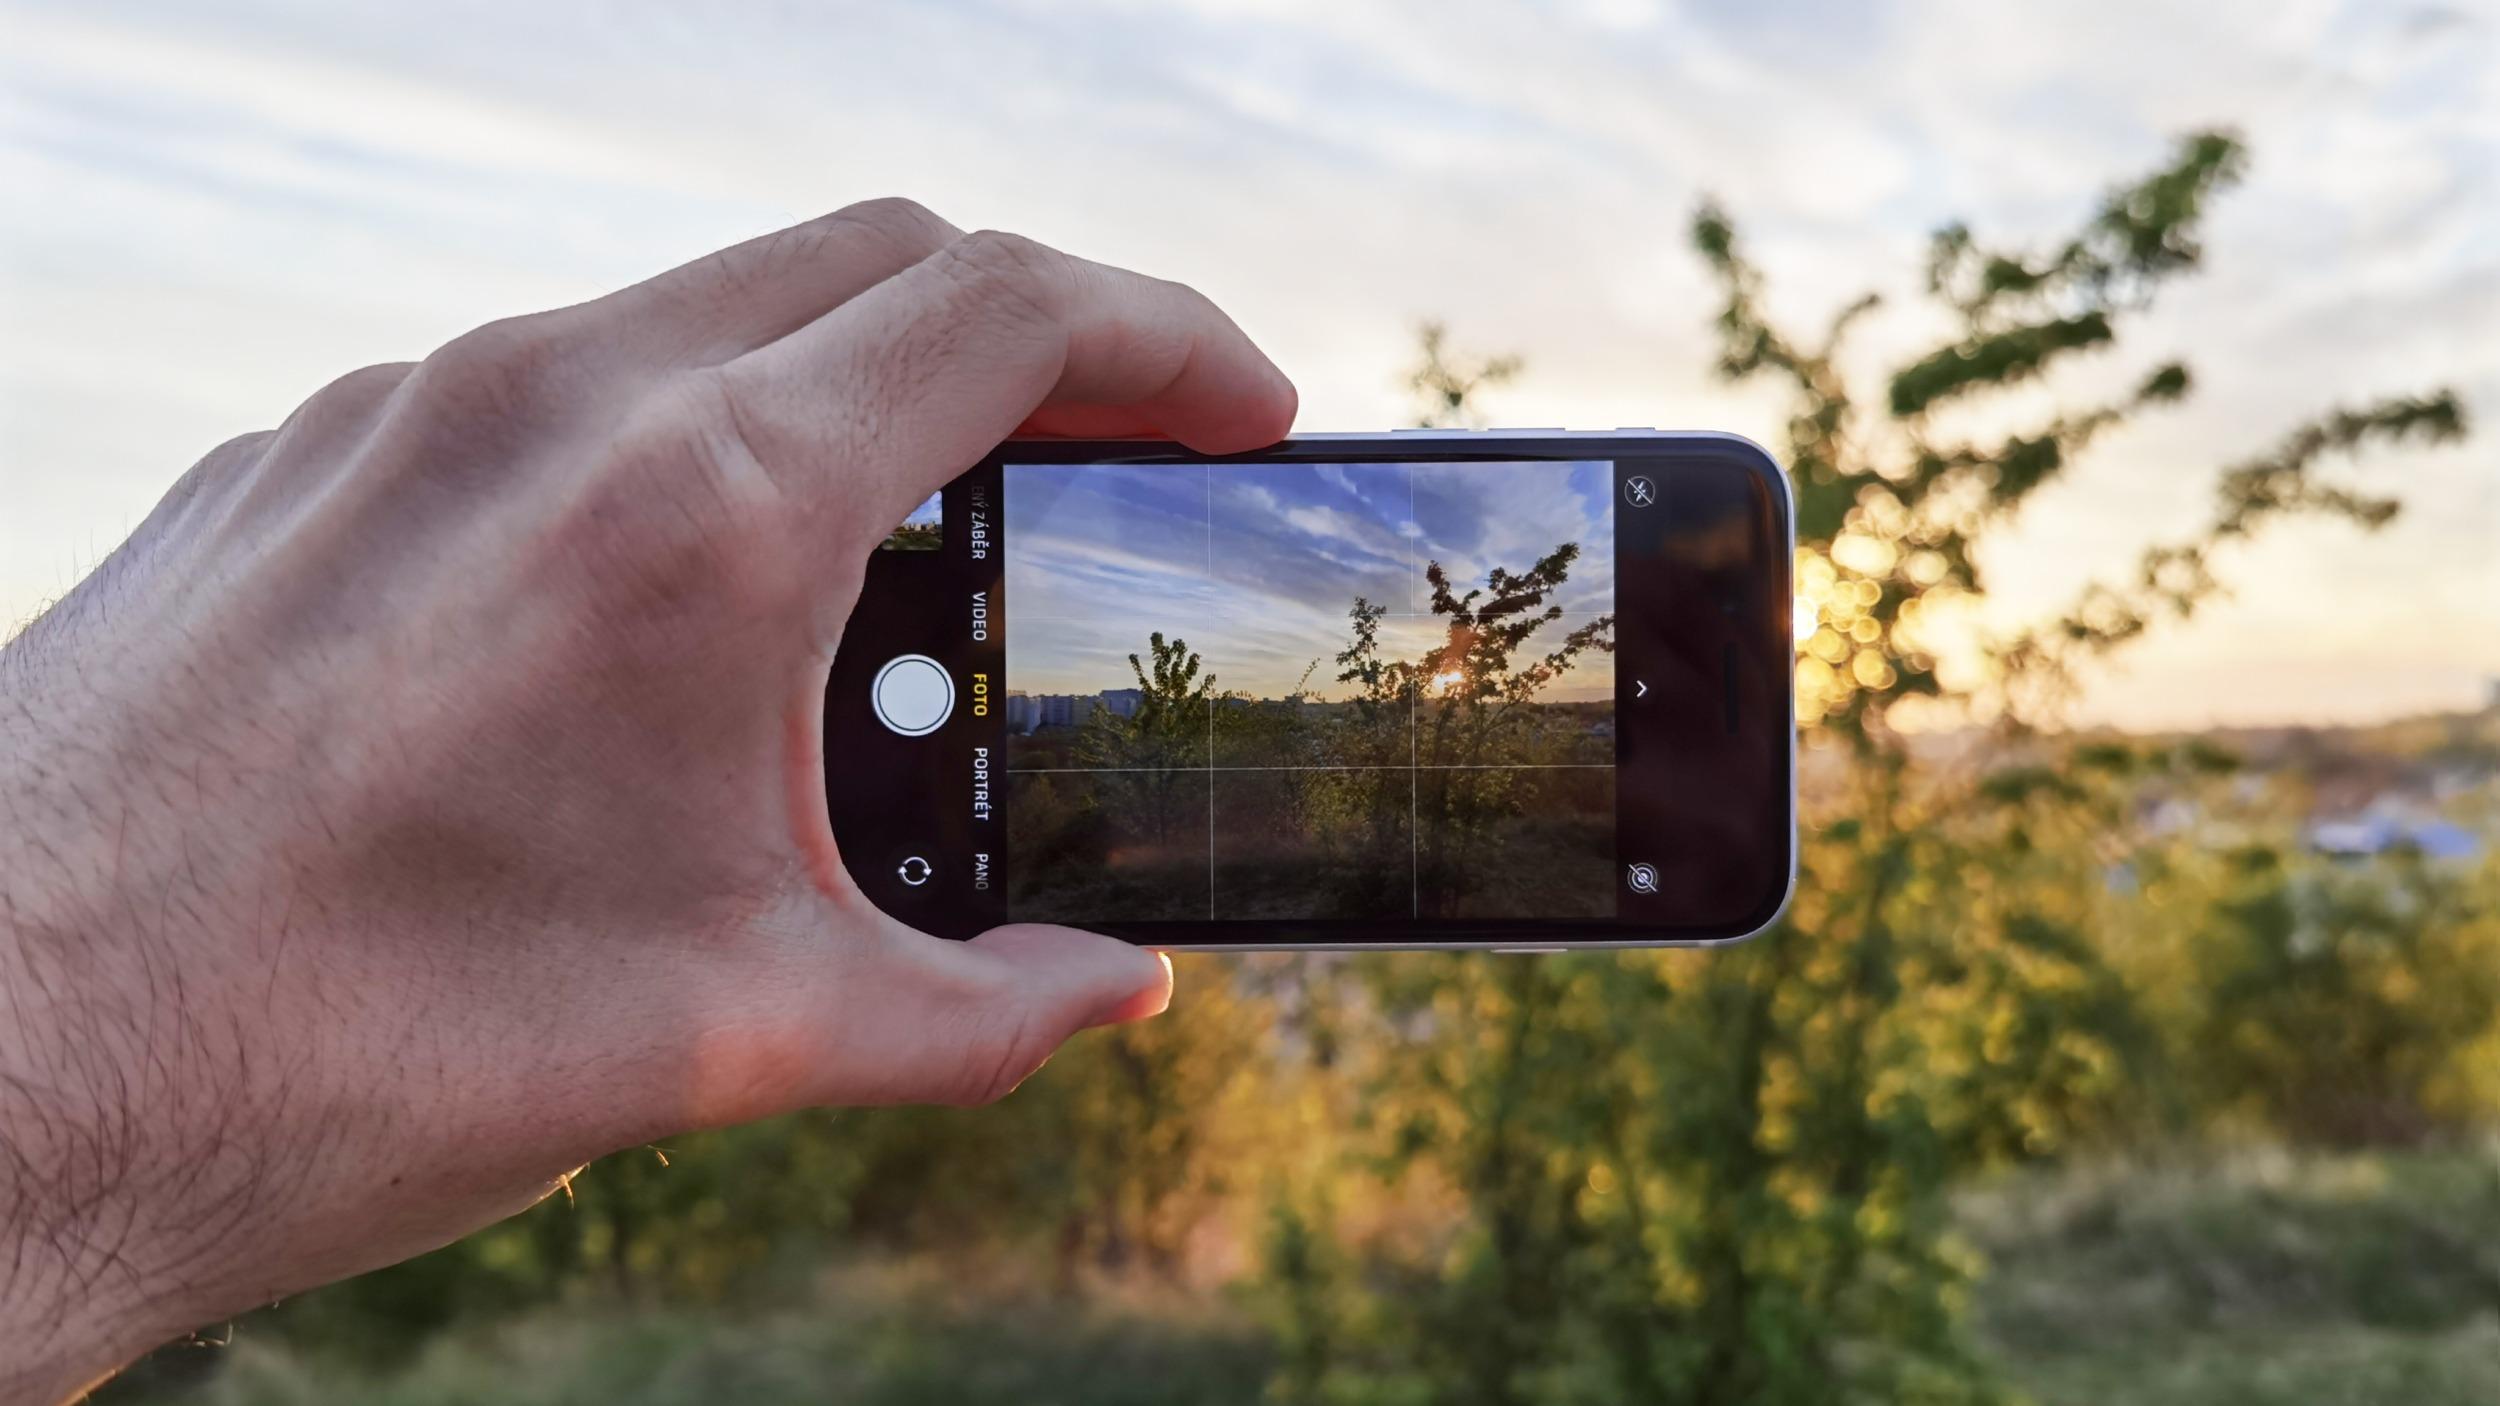 Nový iPhone SE používá z velké části součástky z iPhonu 8 včetně fotoaparátu